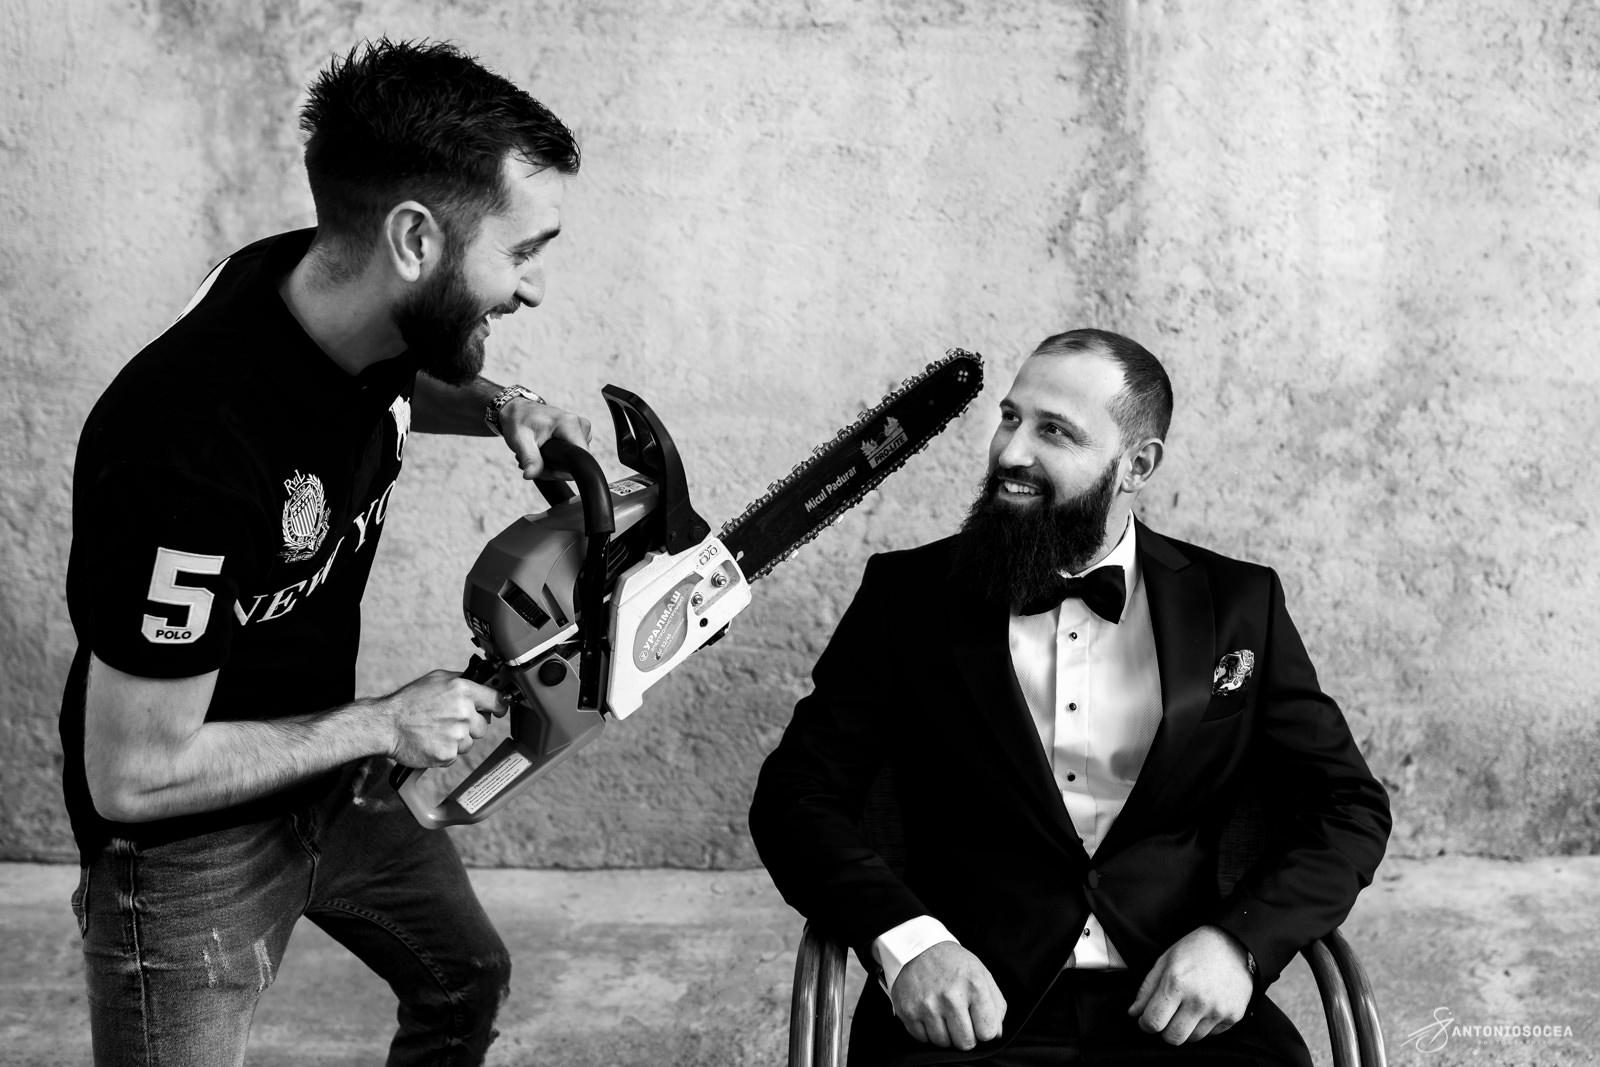 Fotografie nunta premium Bucuresti -Fotograf Profesionist de nunta Bucuresti- Antonio Socea - Wedding photographer